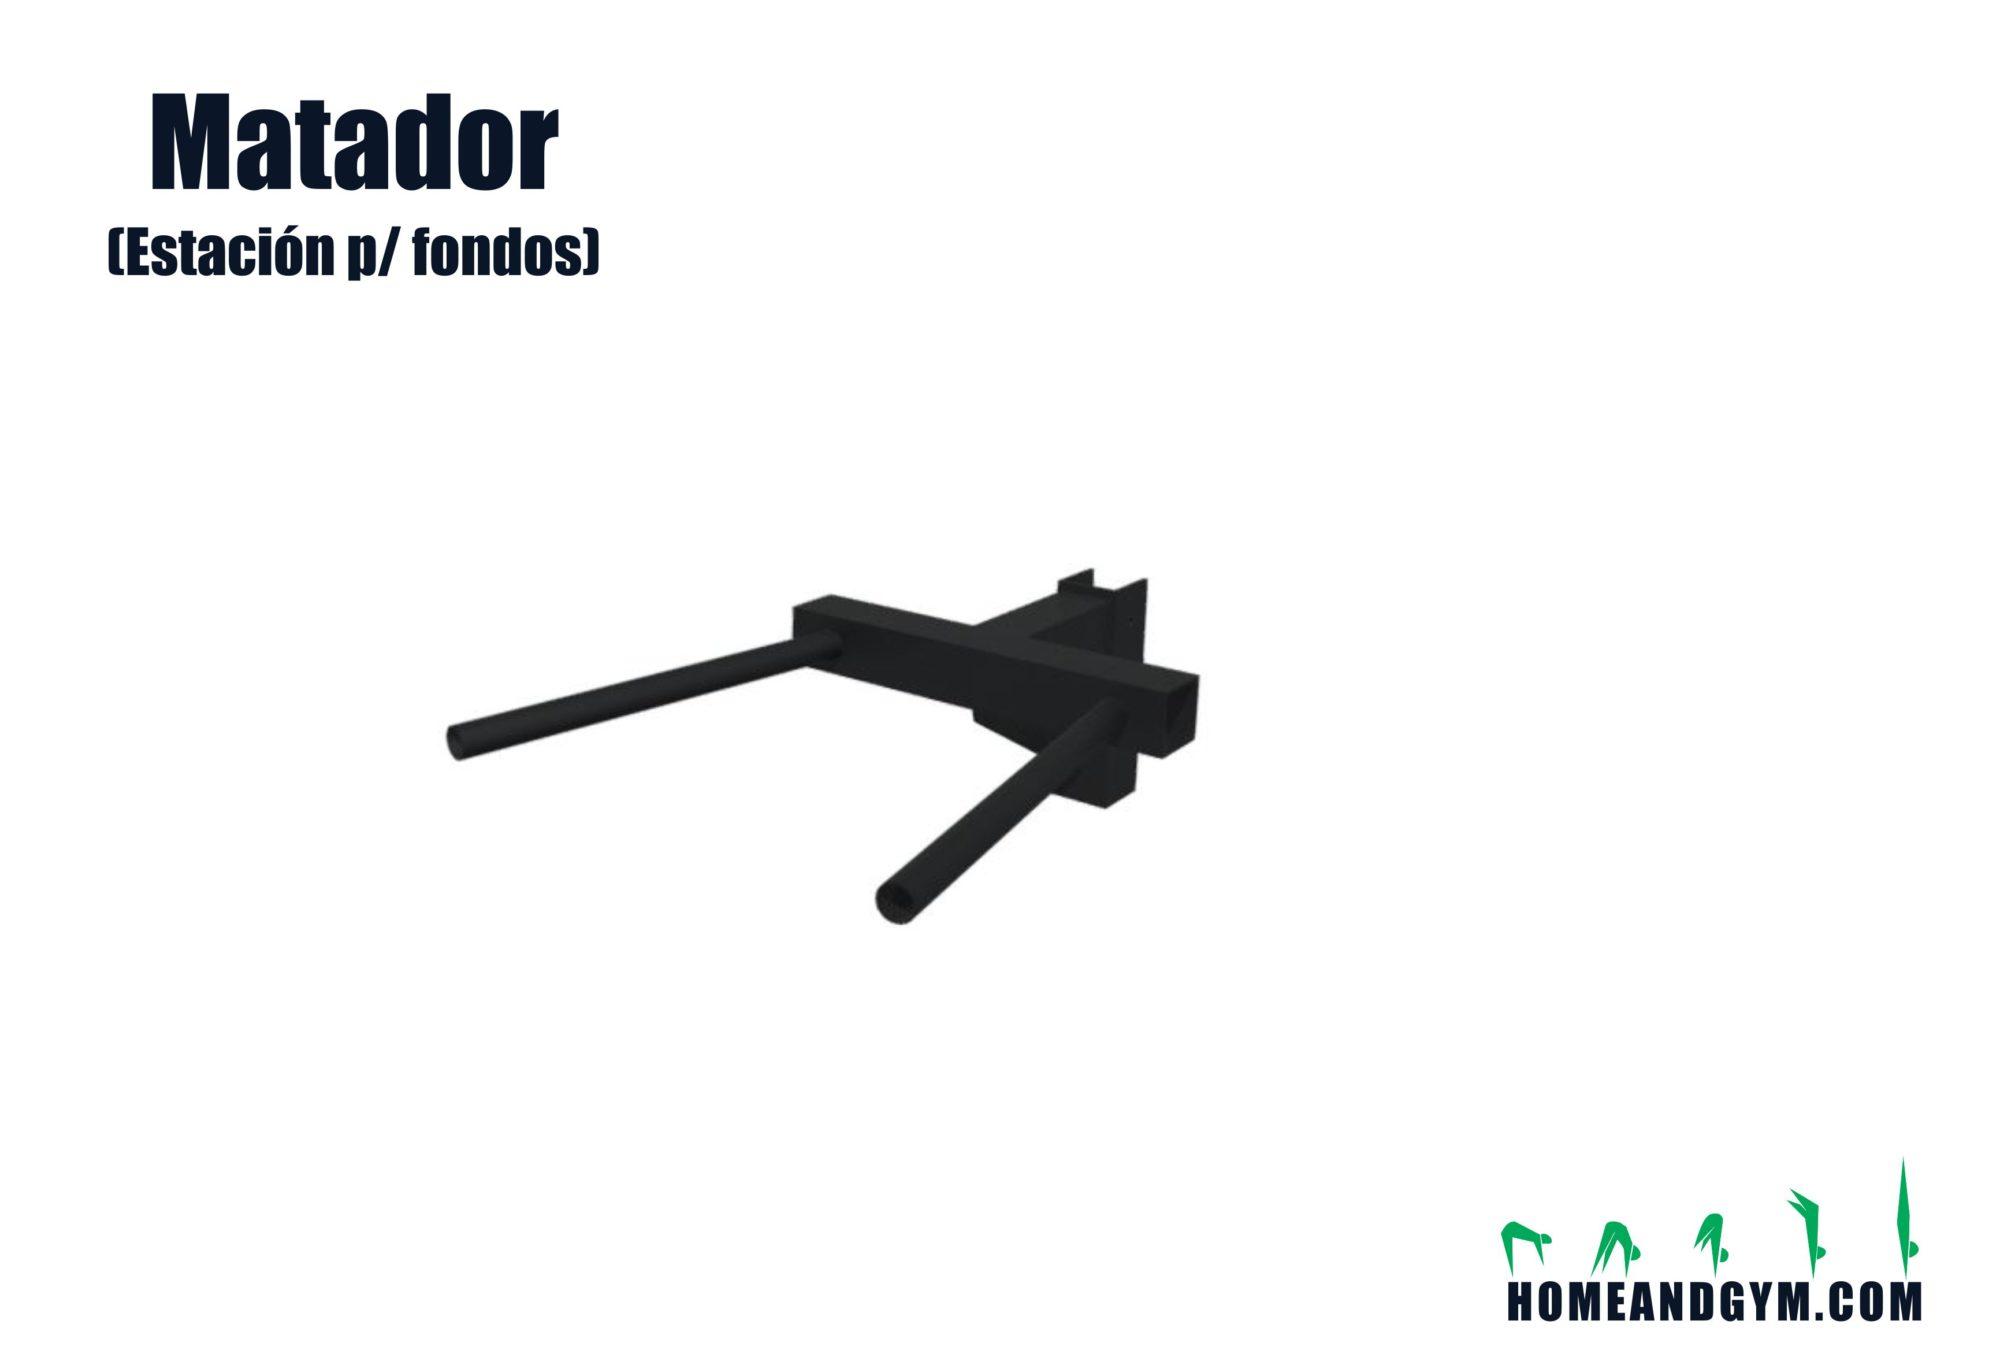 Matador / estación para dips fondos